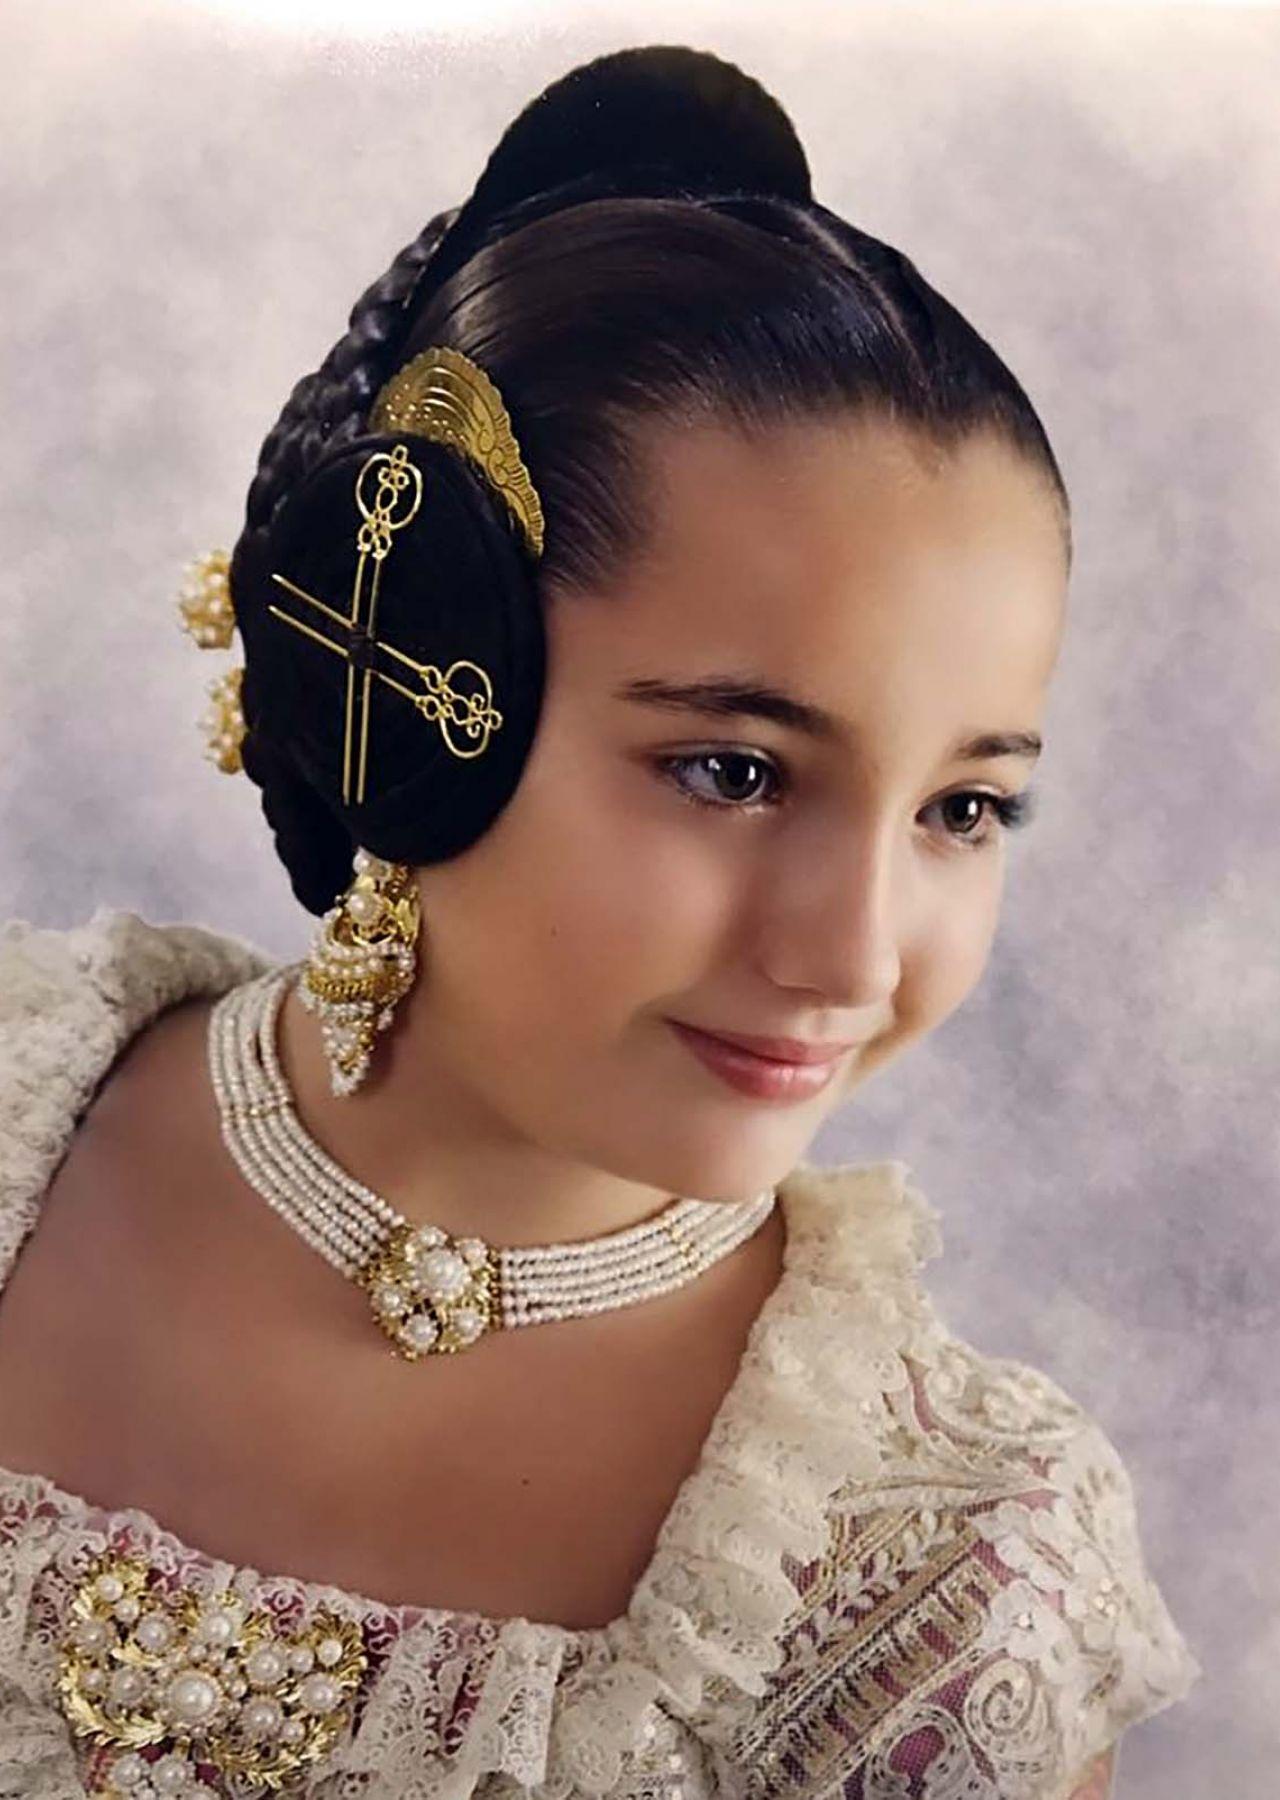 Alejandra Liñana Casasus